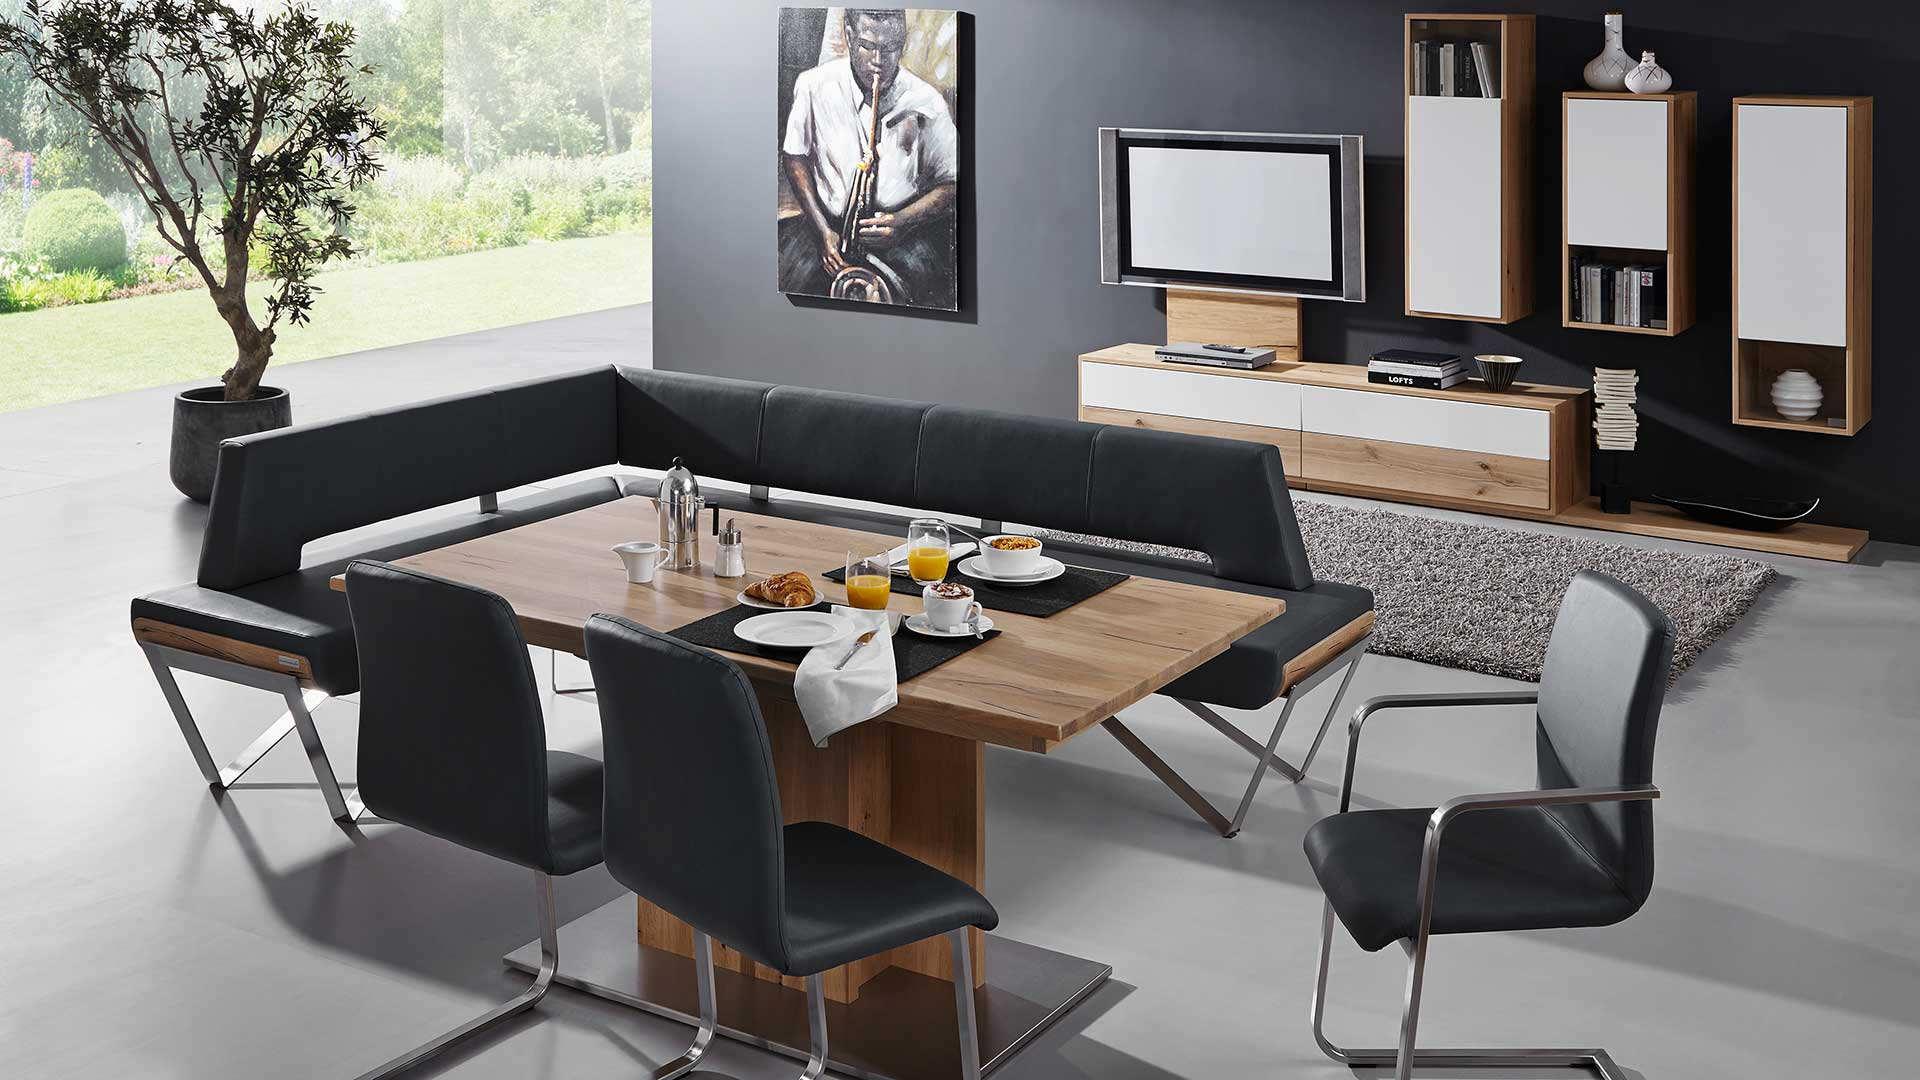 Tische und Stühle von Forcher und Schösswender in der Küchenwelt Preissegger